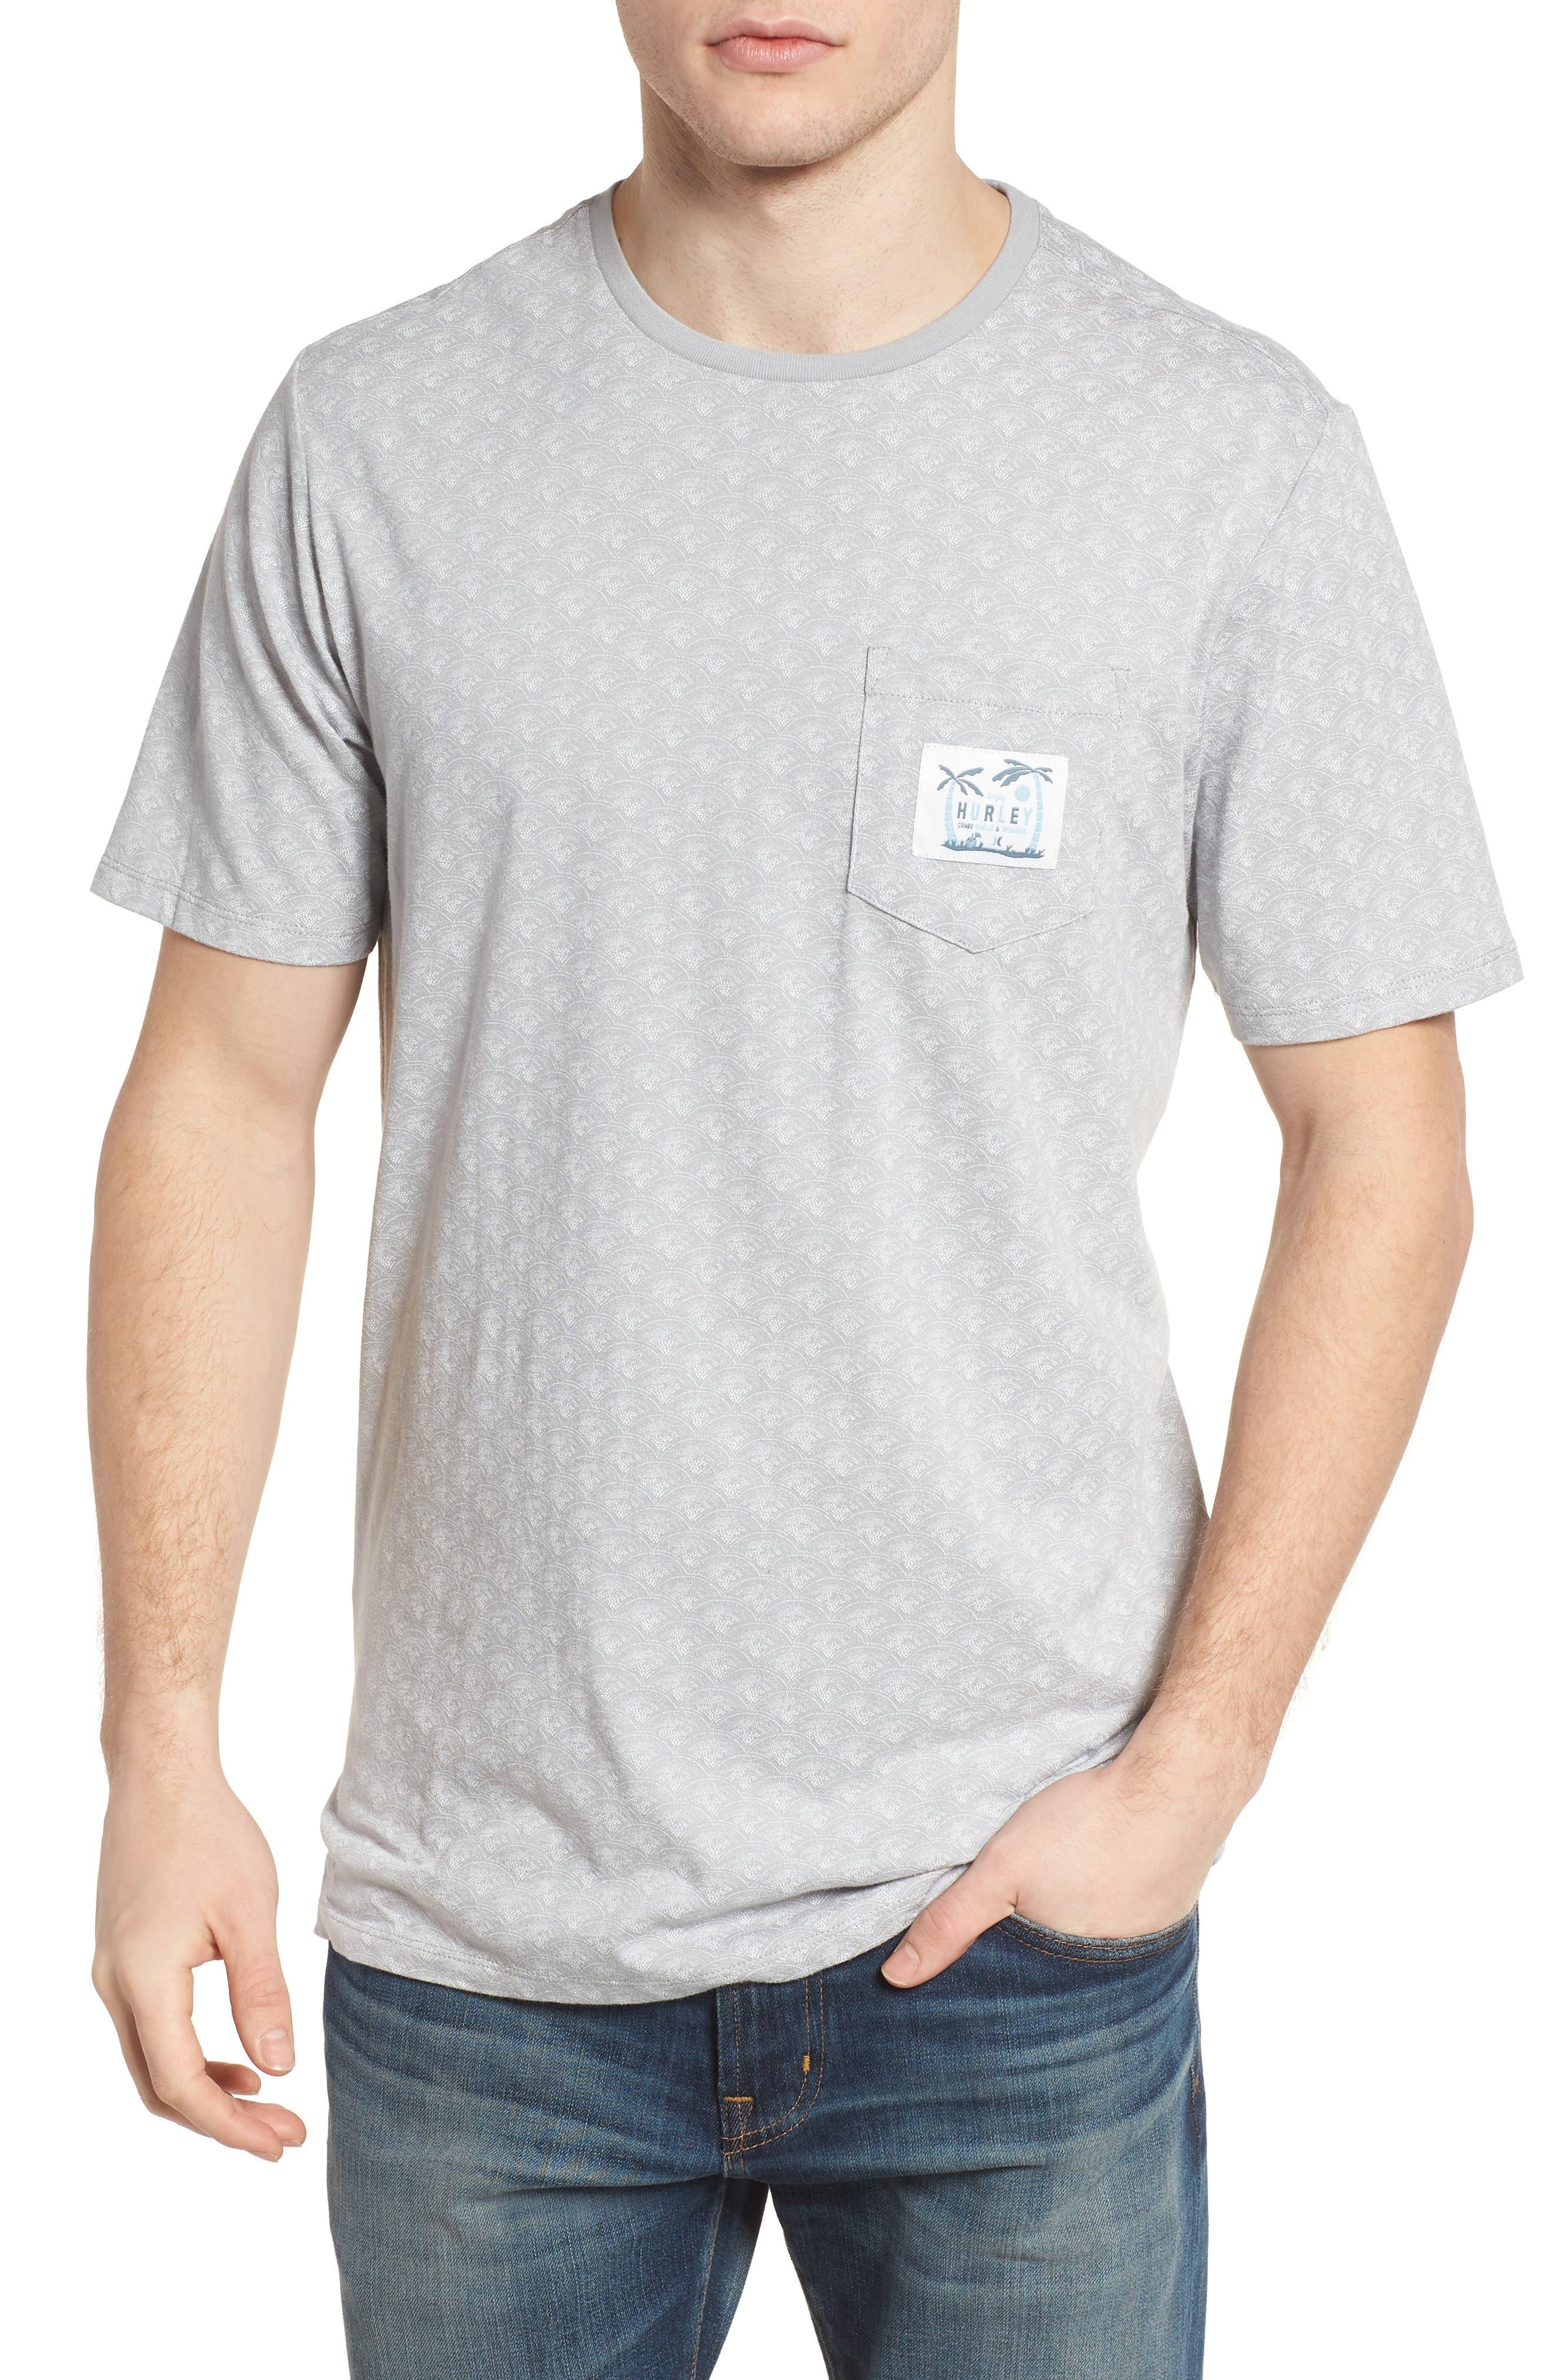 Pescado Short Sleeve T-Shirt,                             Main thumbnail 1, color,                             Sail